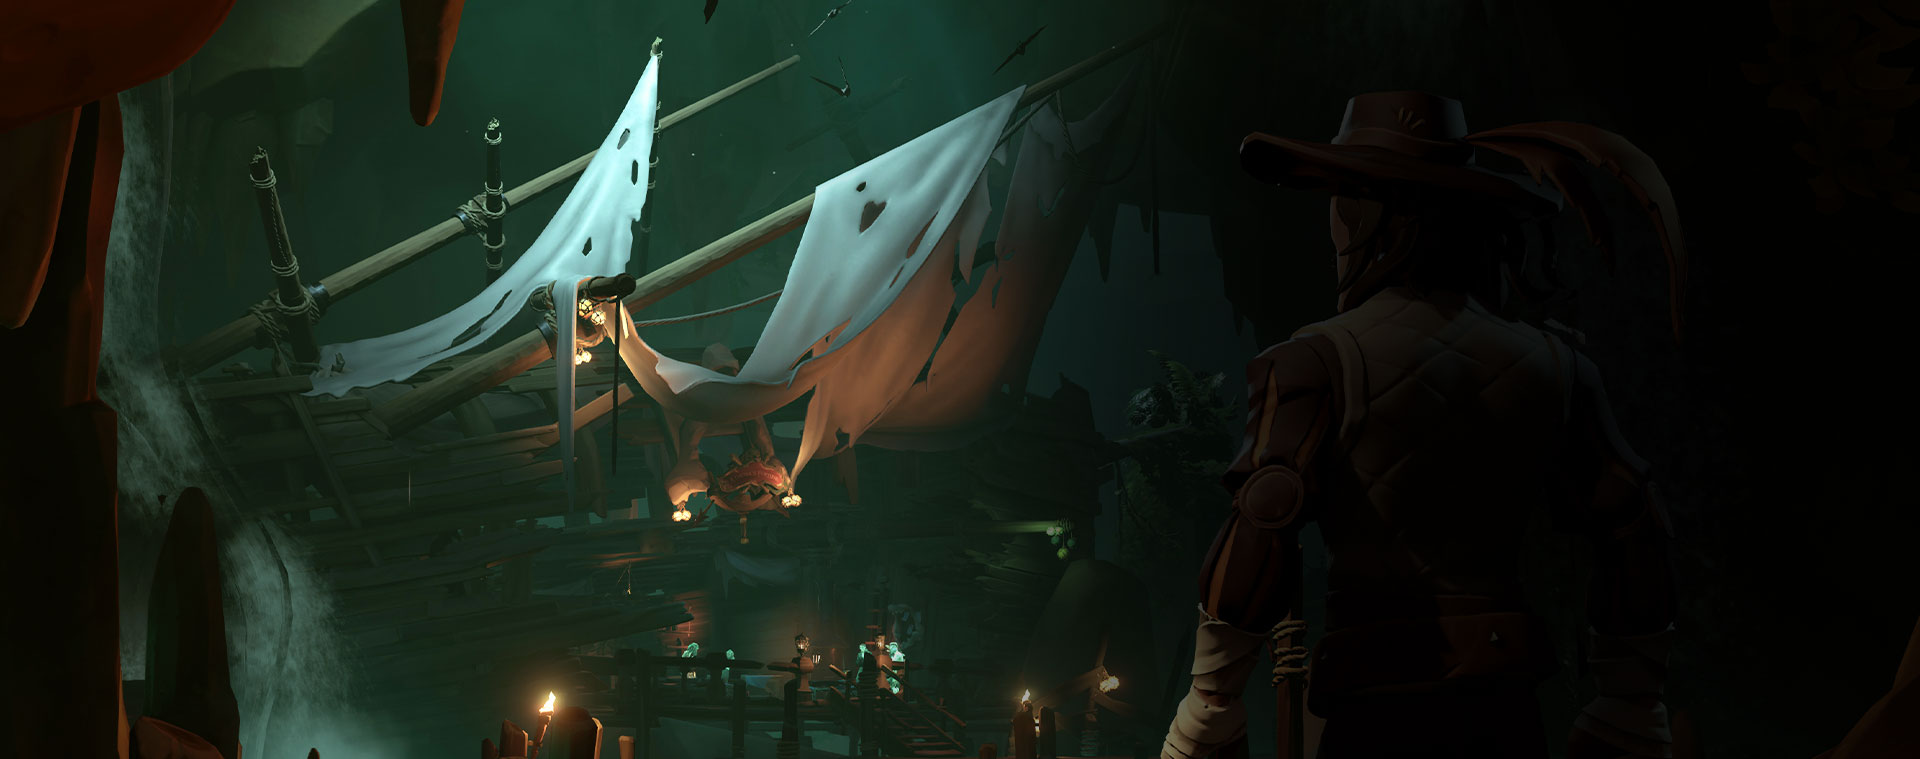 Personaje de Sea of Thieves mirando un barco naufragado